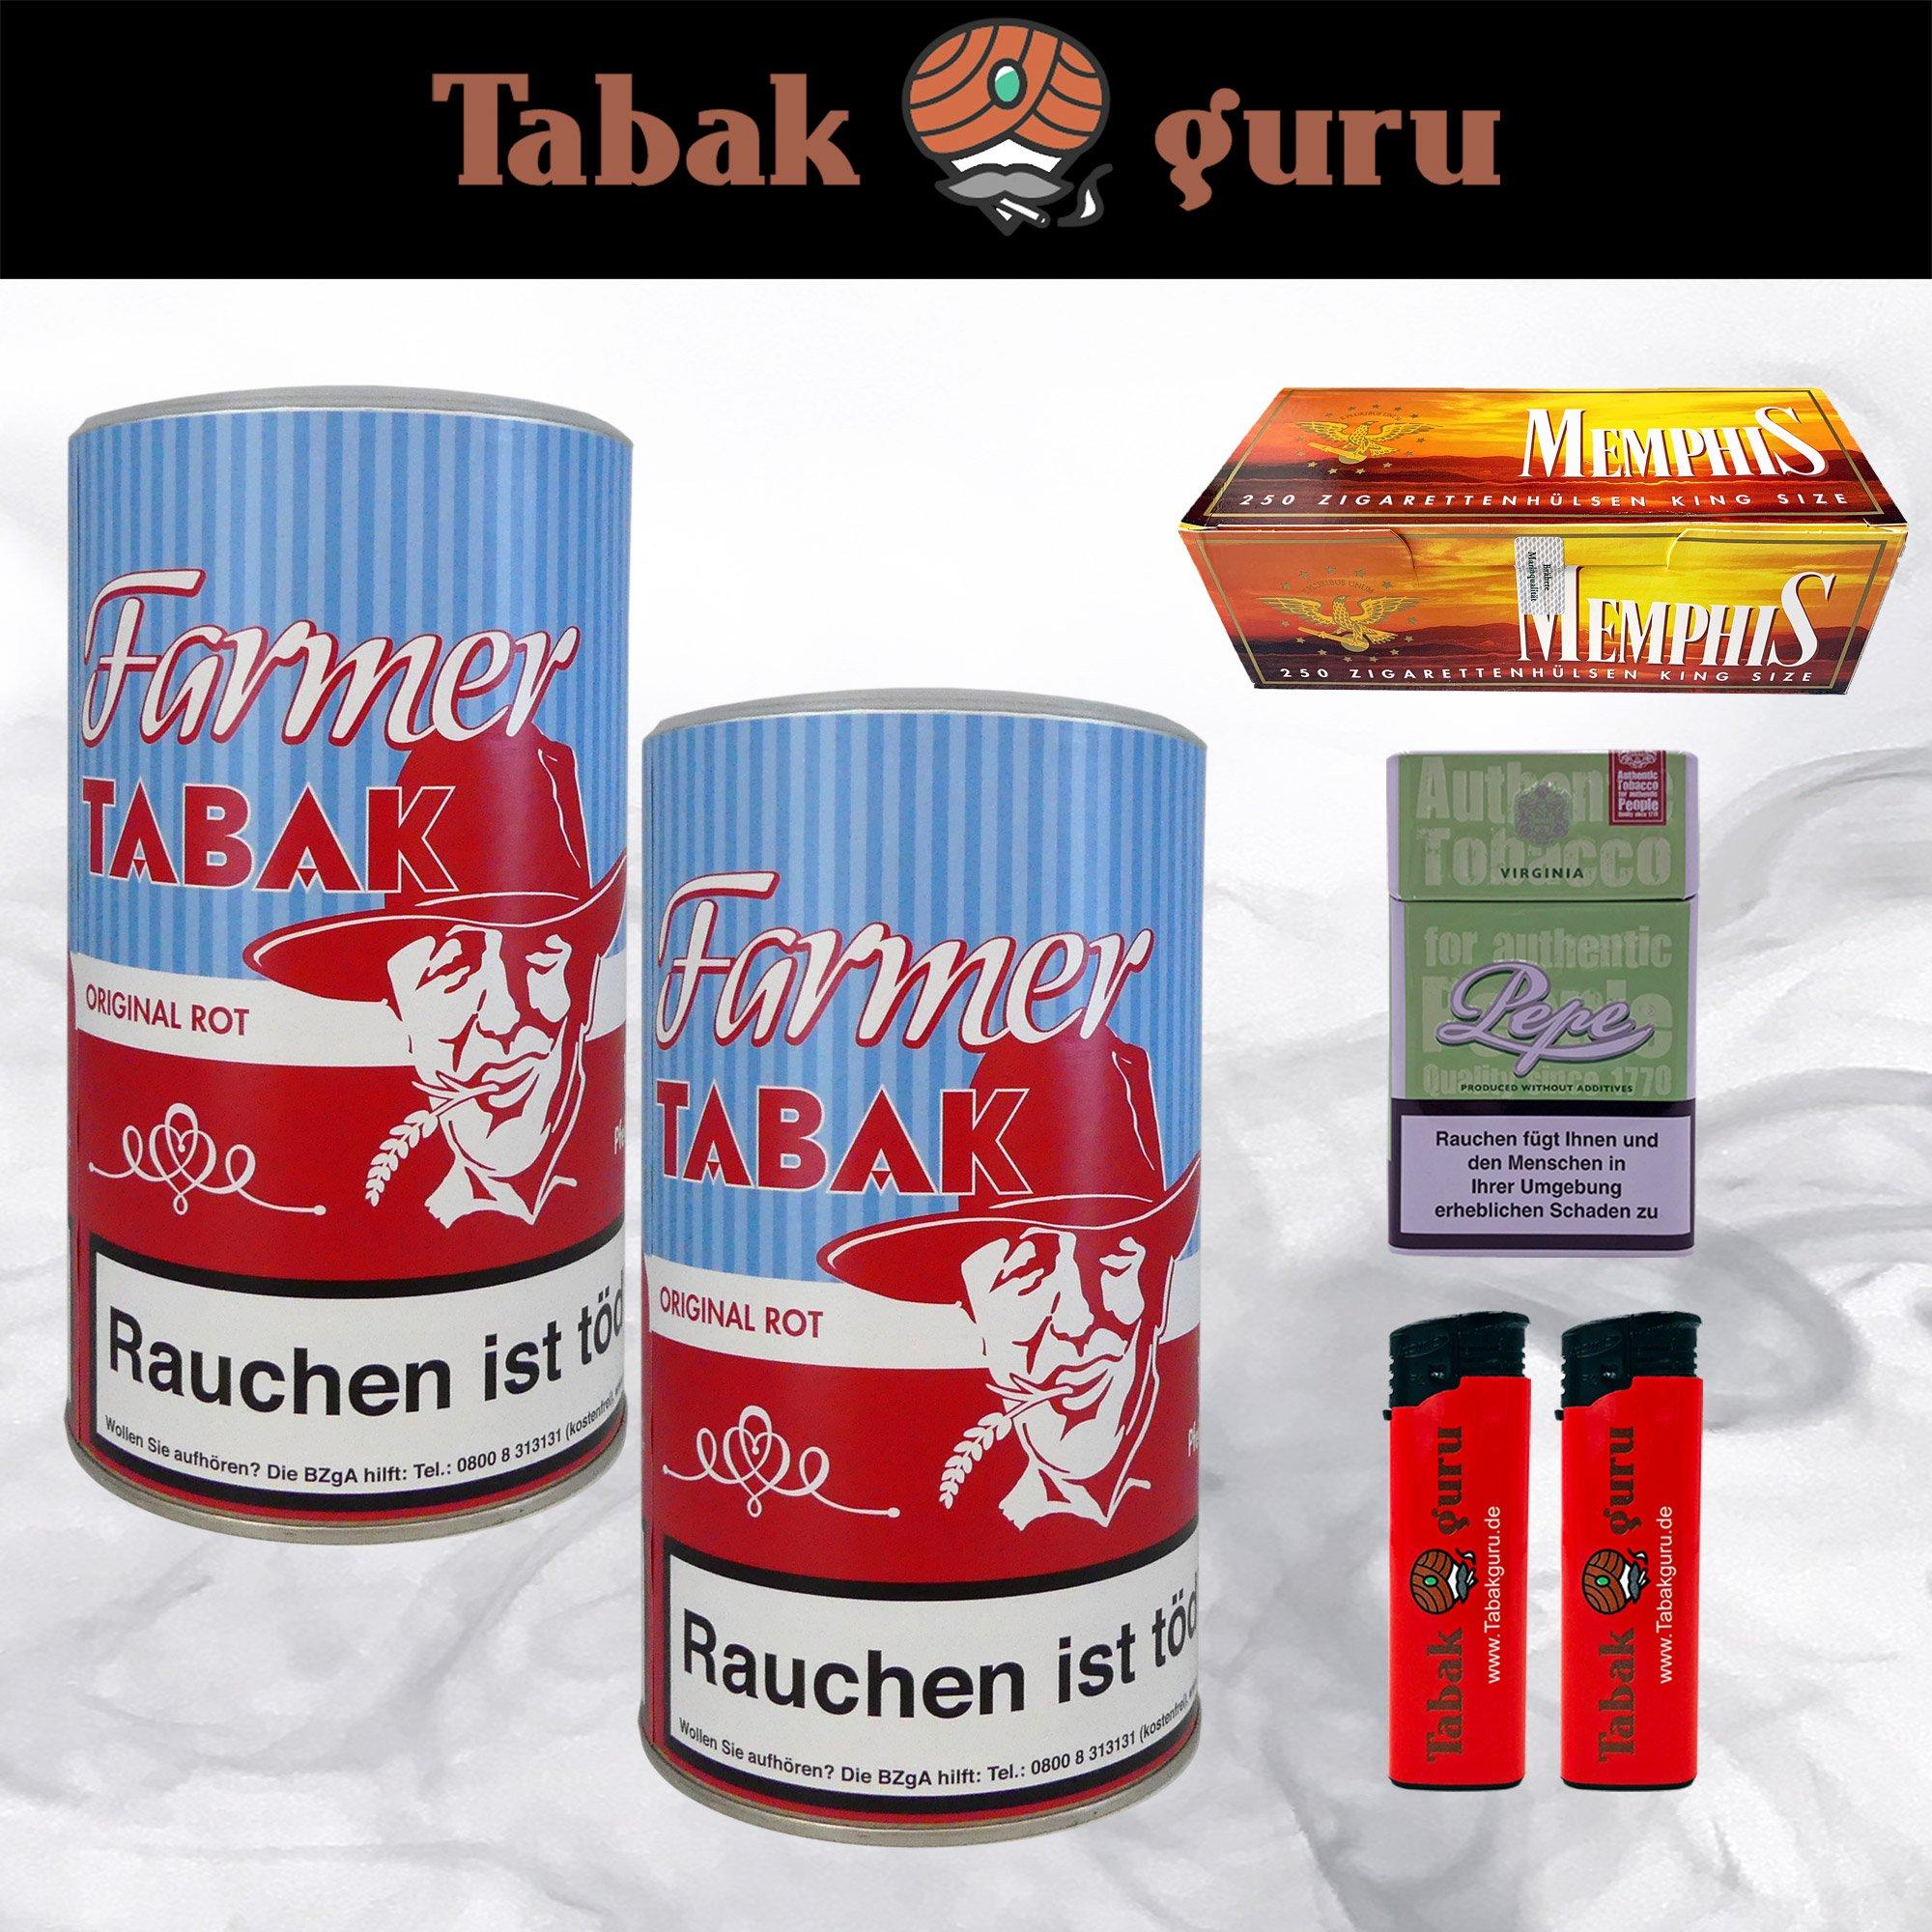 2 x Farmer Original Rot Pfeifentabak à 170g + Memphis Hülsen + Zubehör